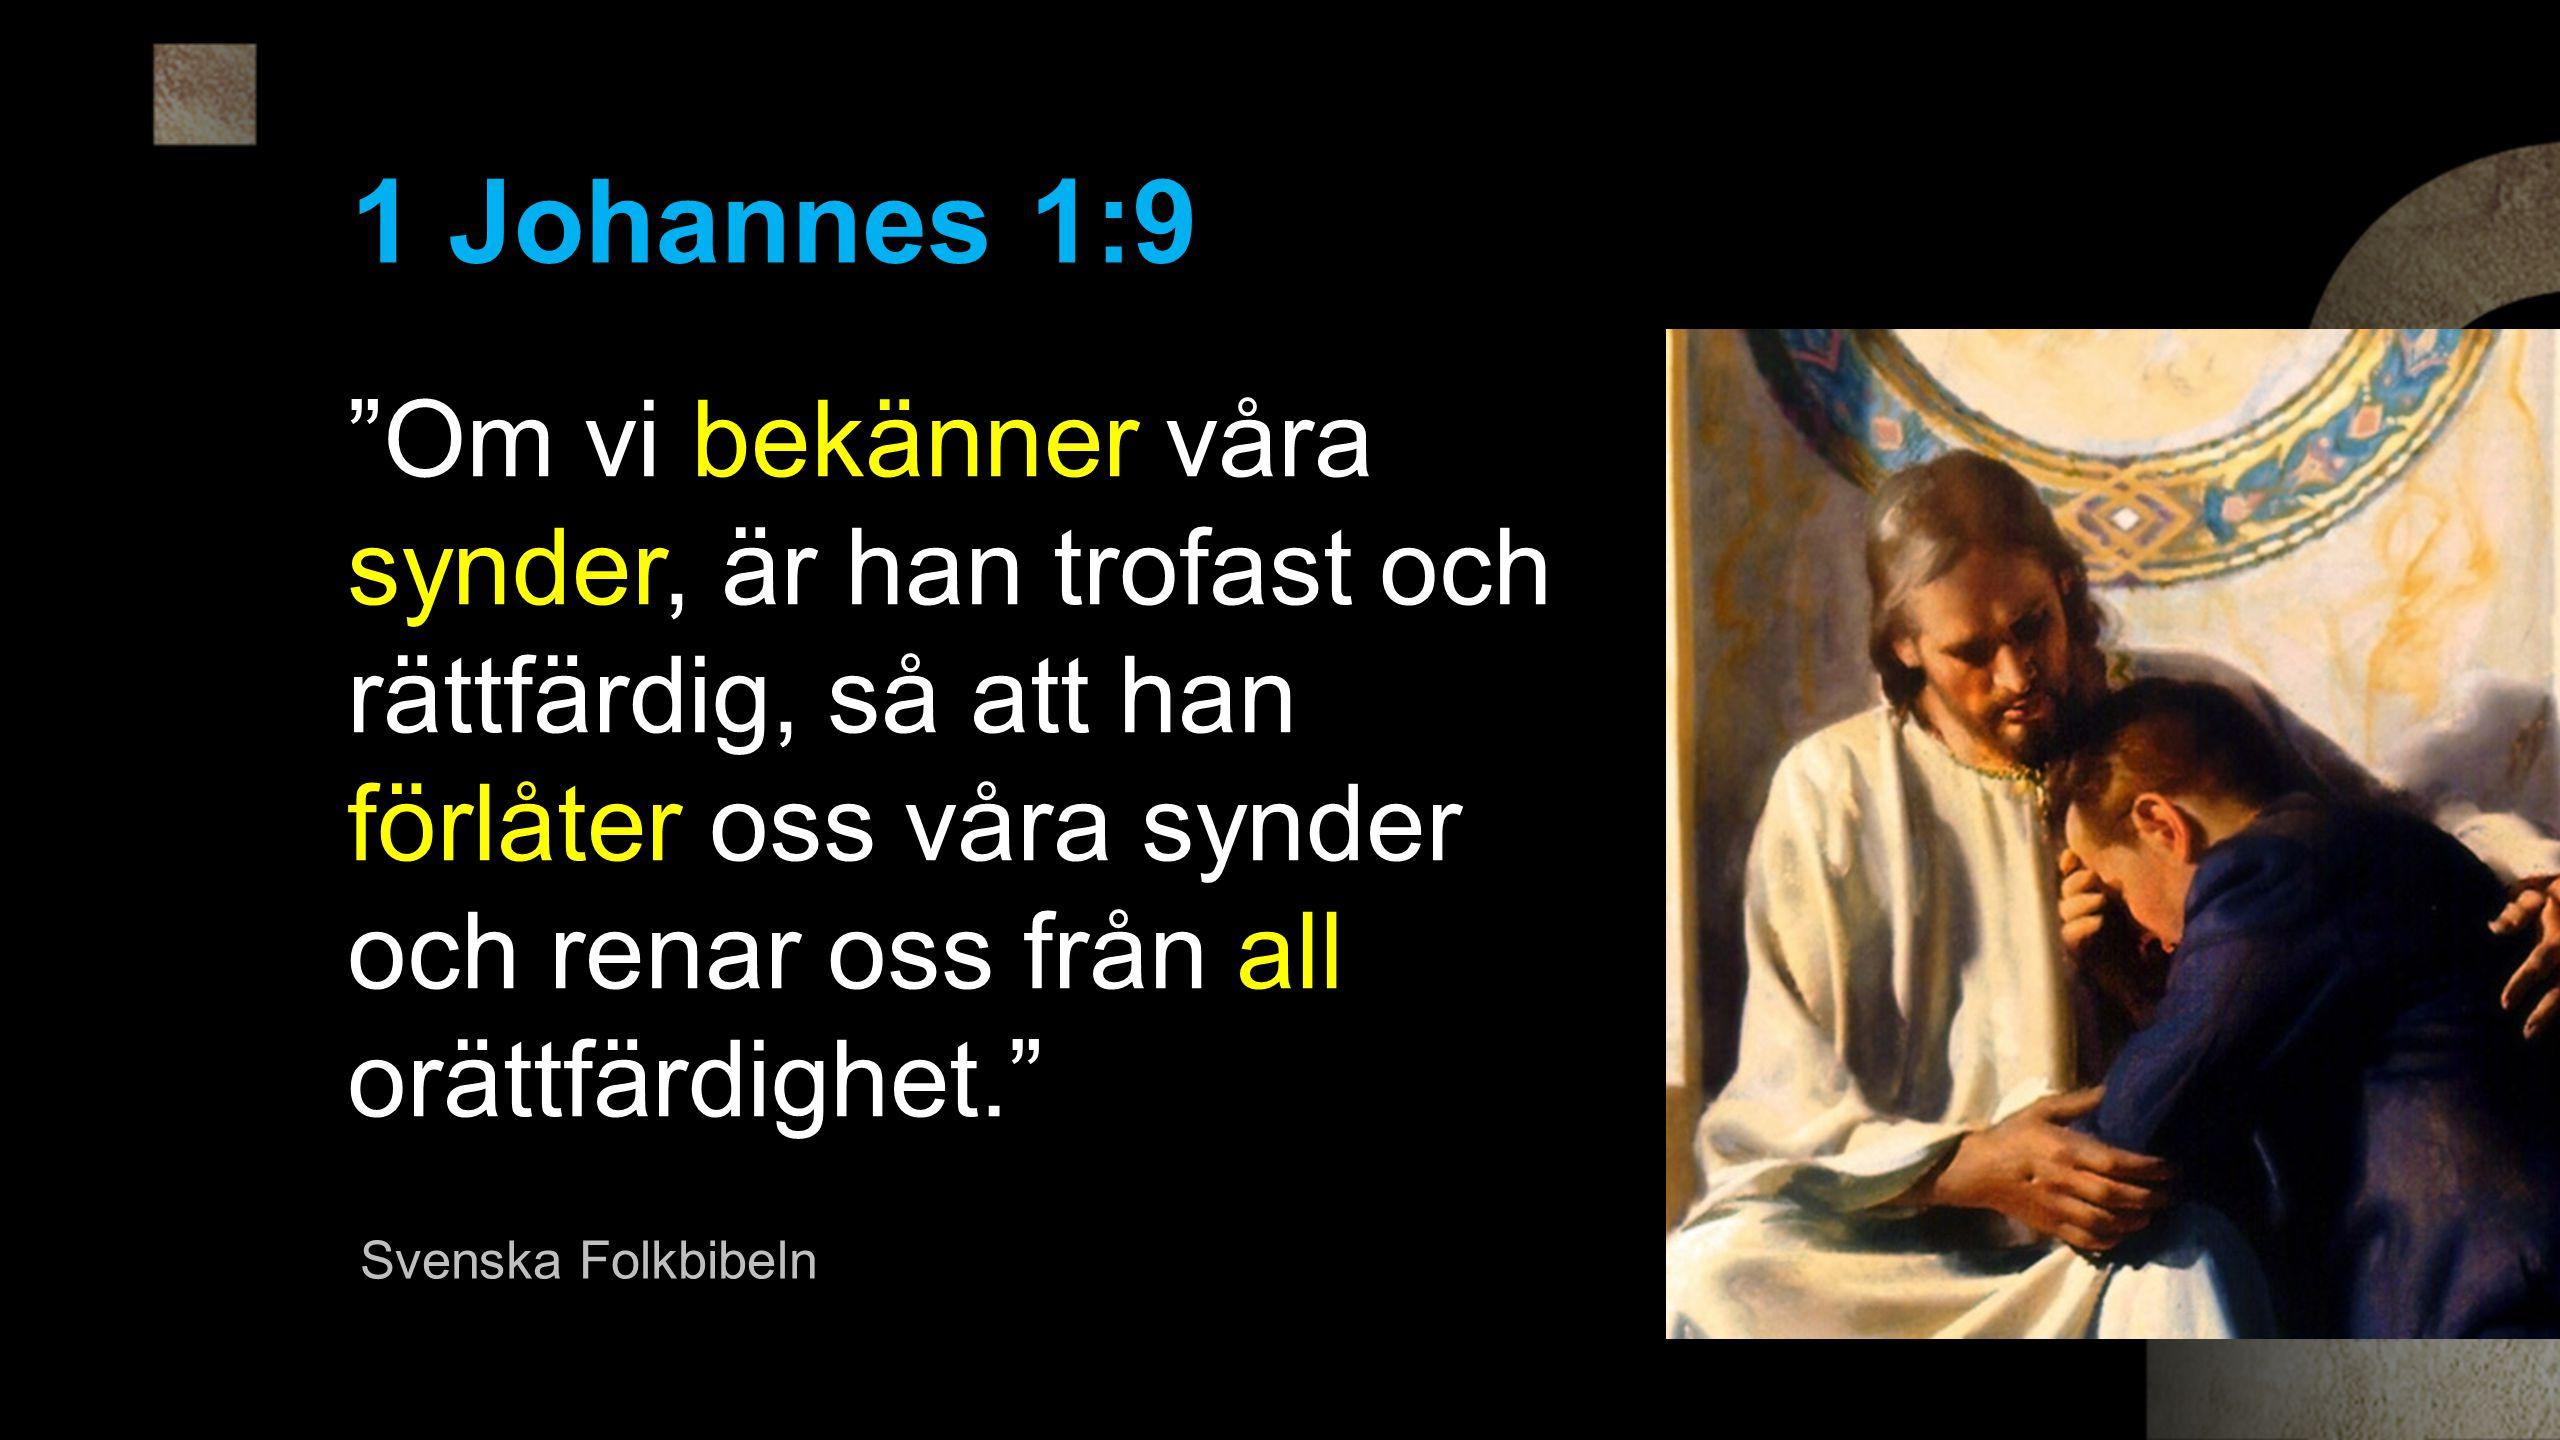 Om vi bekänner våra synder, är han trofast och rättfärdig, så att han förlåter oss våra synder och renar oss från all orättfärdighet. 1 Johannes 1:9 Svenska Folkbibeln